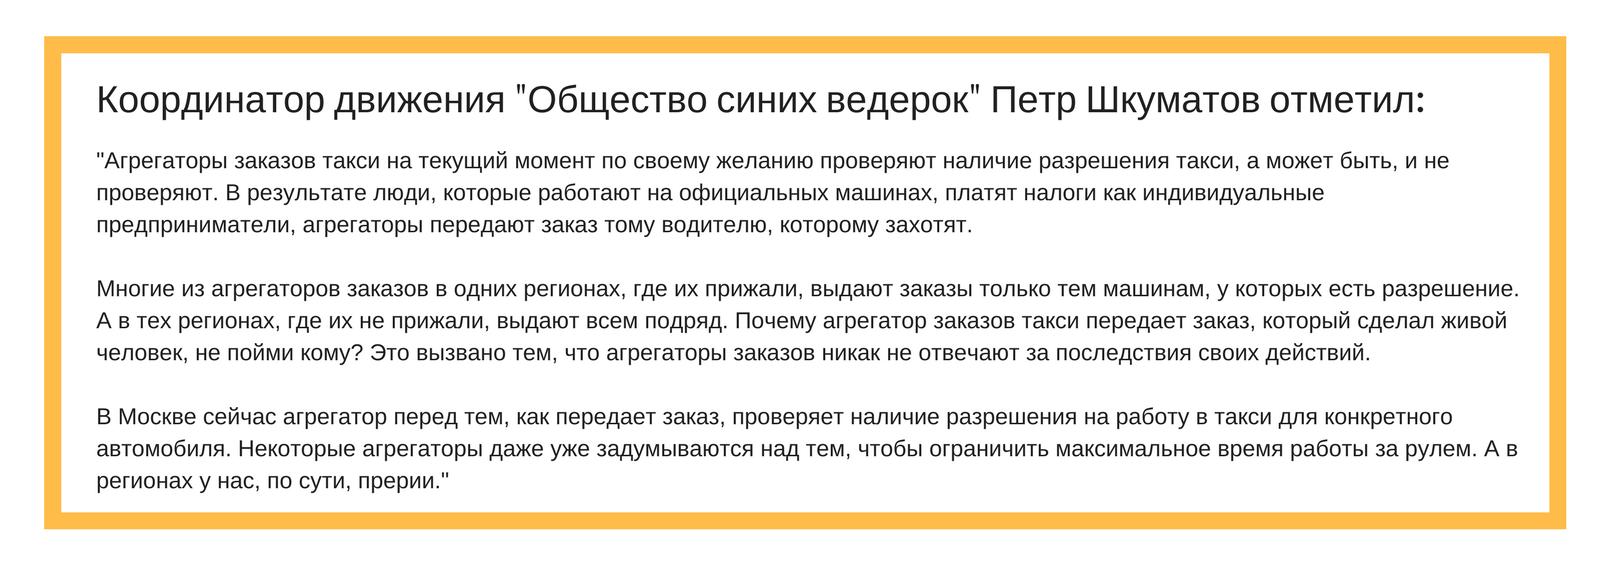 Петр Шкуматов общество синих ведерок